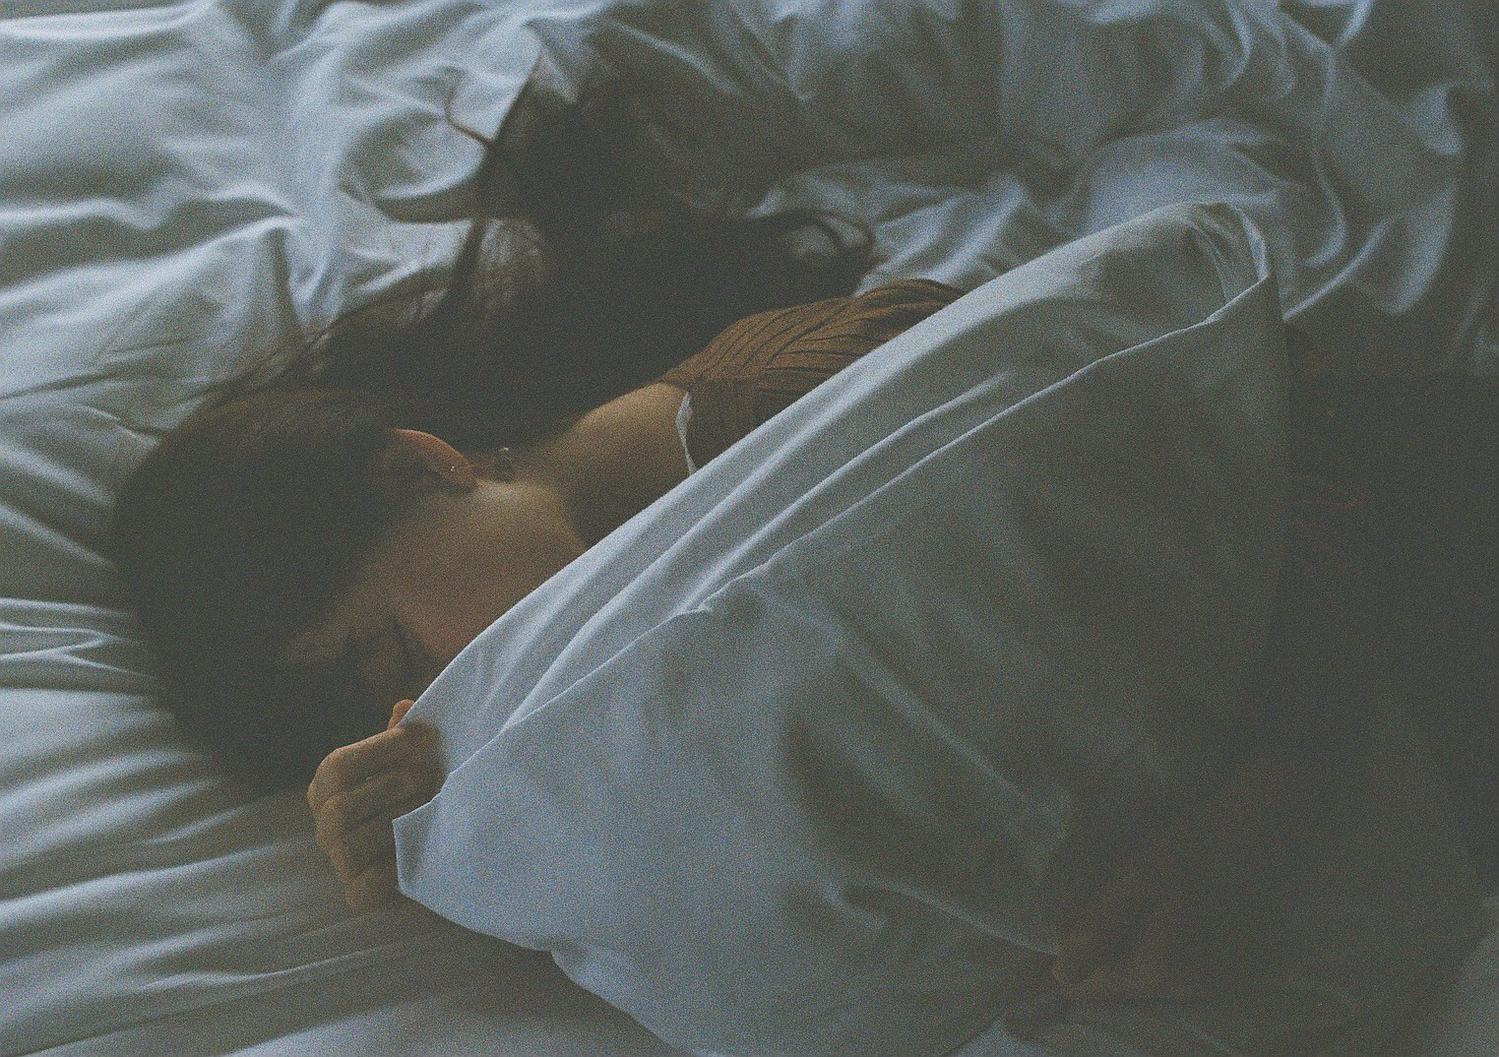 疲れた夜はこれだけ塗って、おやすみなさい~